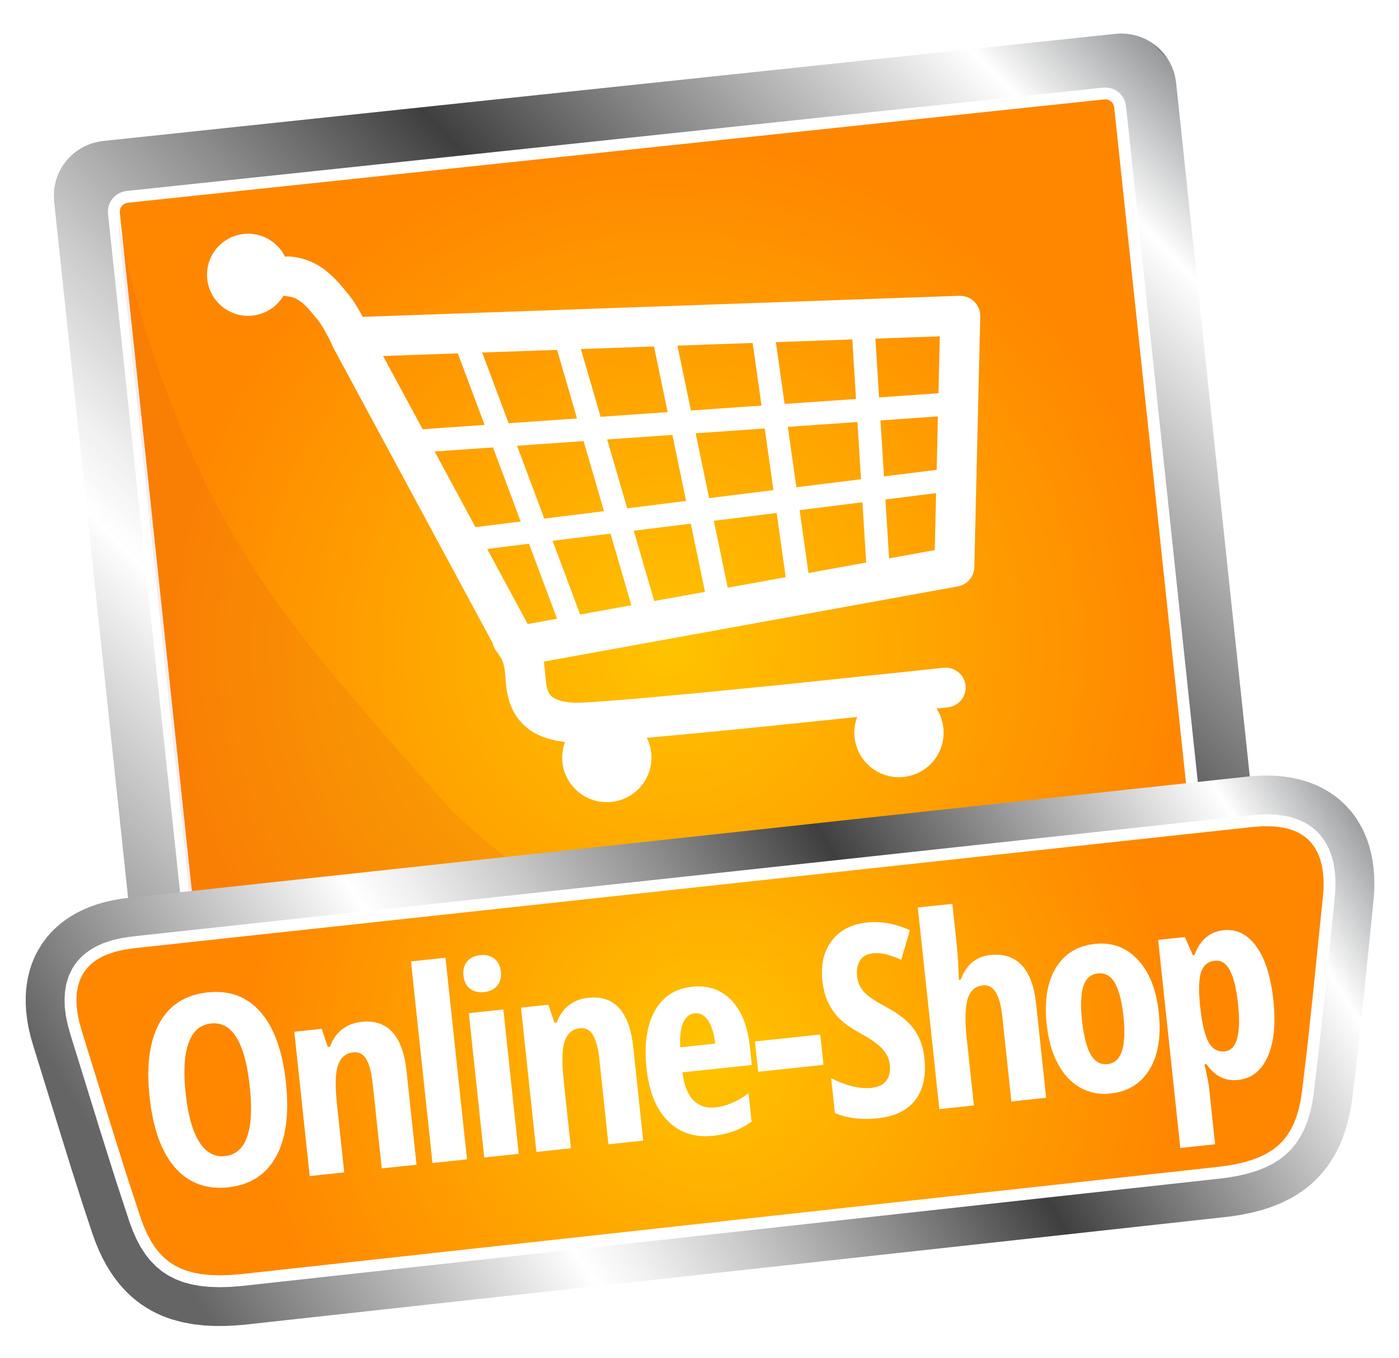 Online-Shop AGB  –  Abholung der Ware zulässig